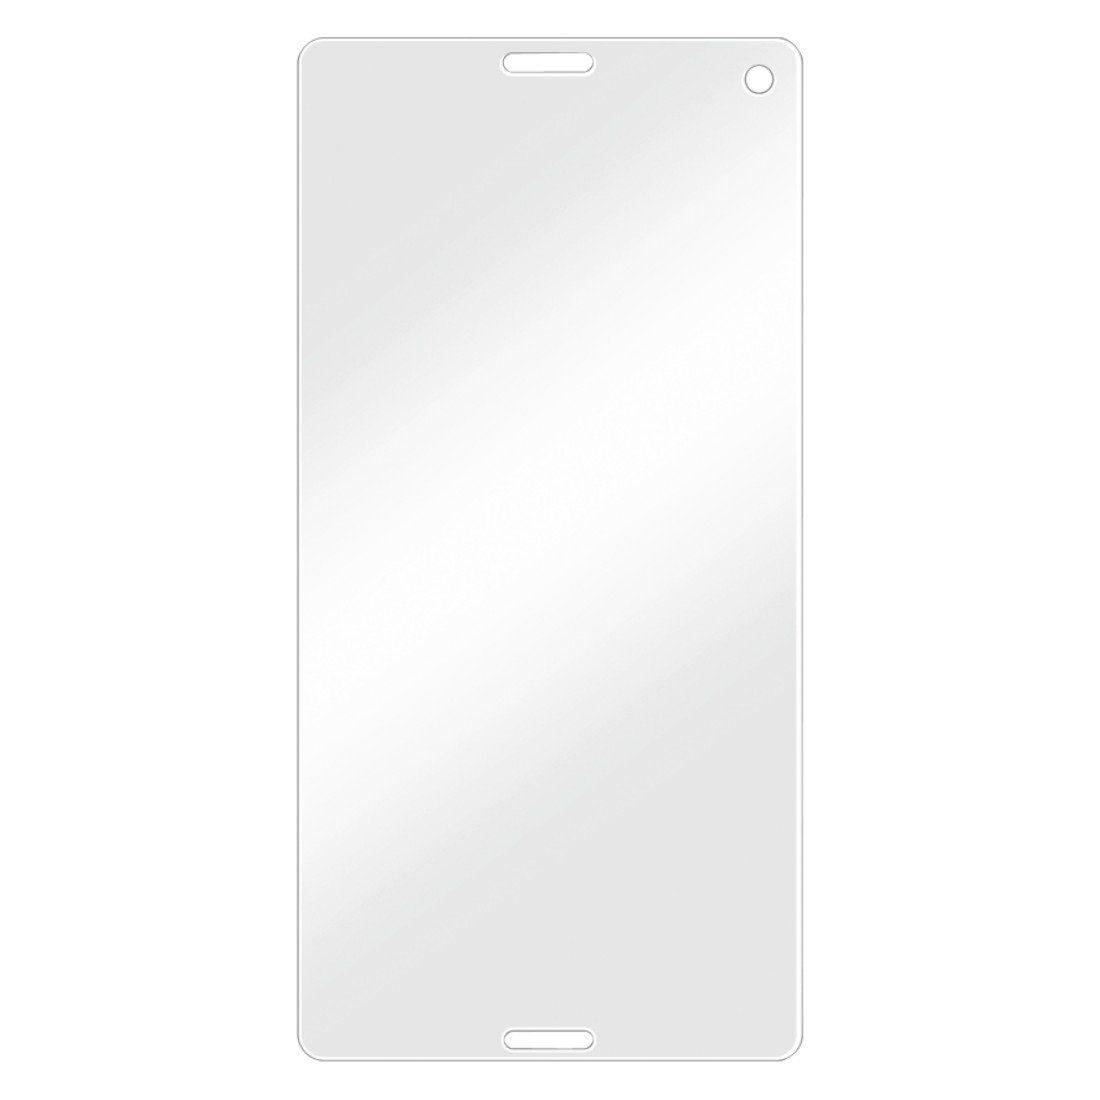 Hama Displayschutzfolie für Sony Xperia Z3 Compact, 2er Set »Displayschutz Schutzfolie«